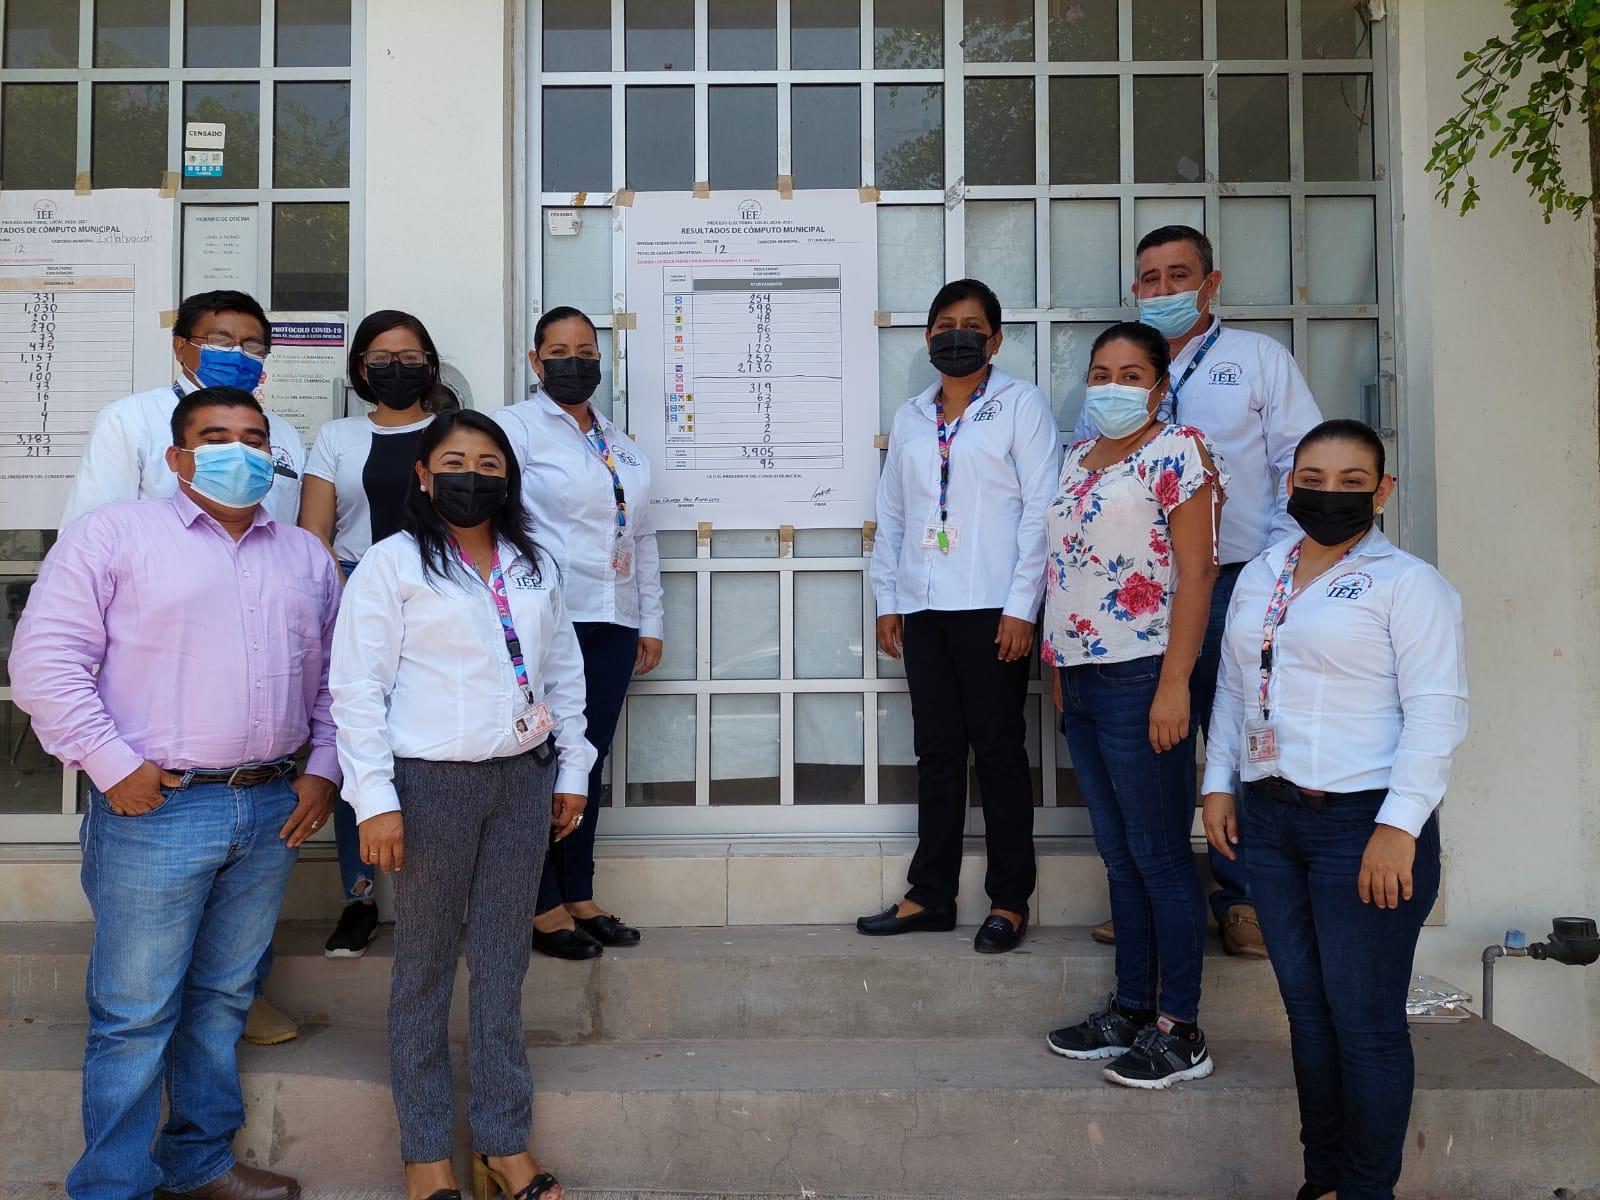 Concluye el cómputo de la elección para Ayuntamiento en Ixtlahuacán, no hay sorpresas